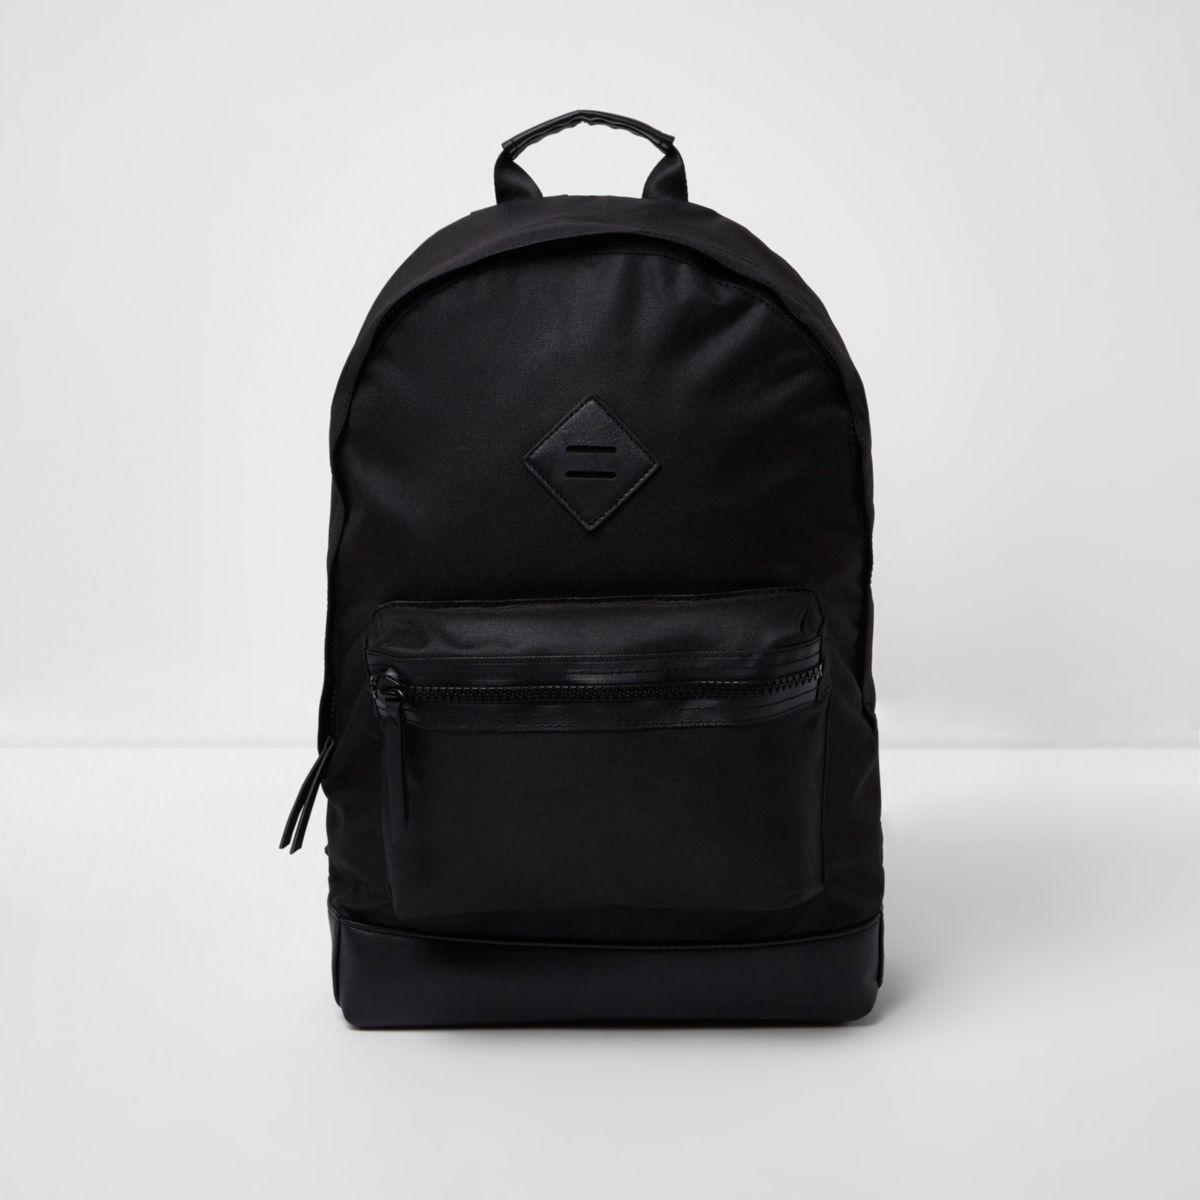 schwarzer rucksack mit vordertasche rucks cke taschen. Black Bedroom Furniture Sets. Home Design Ideas